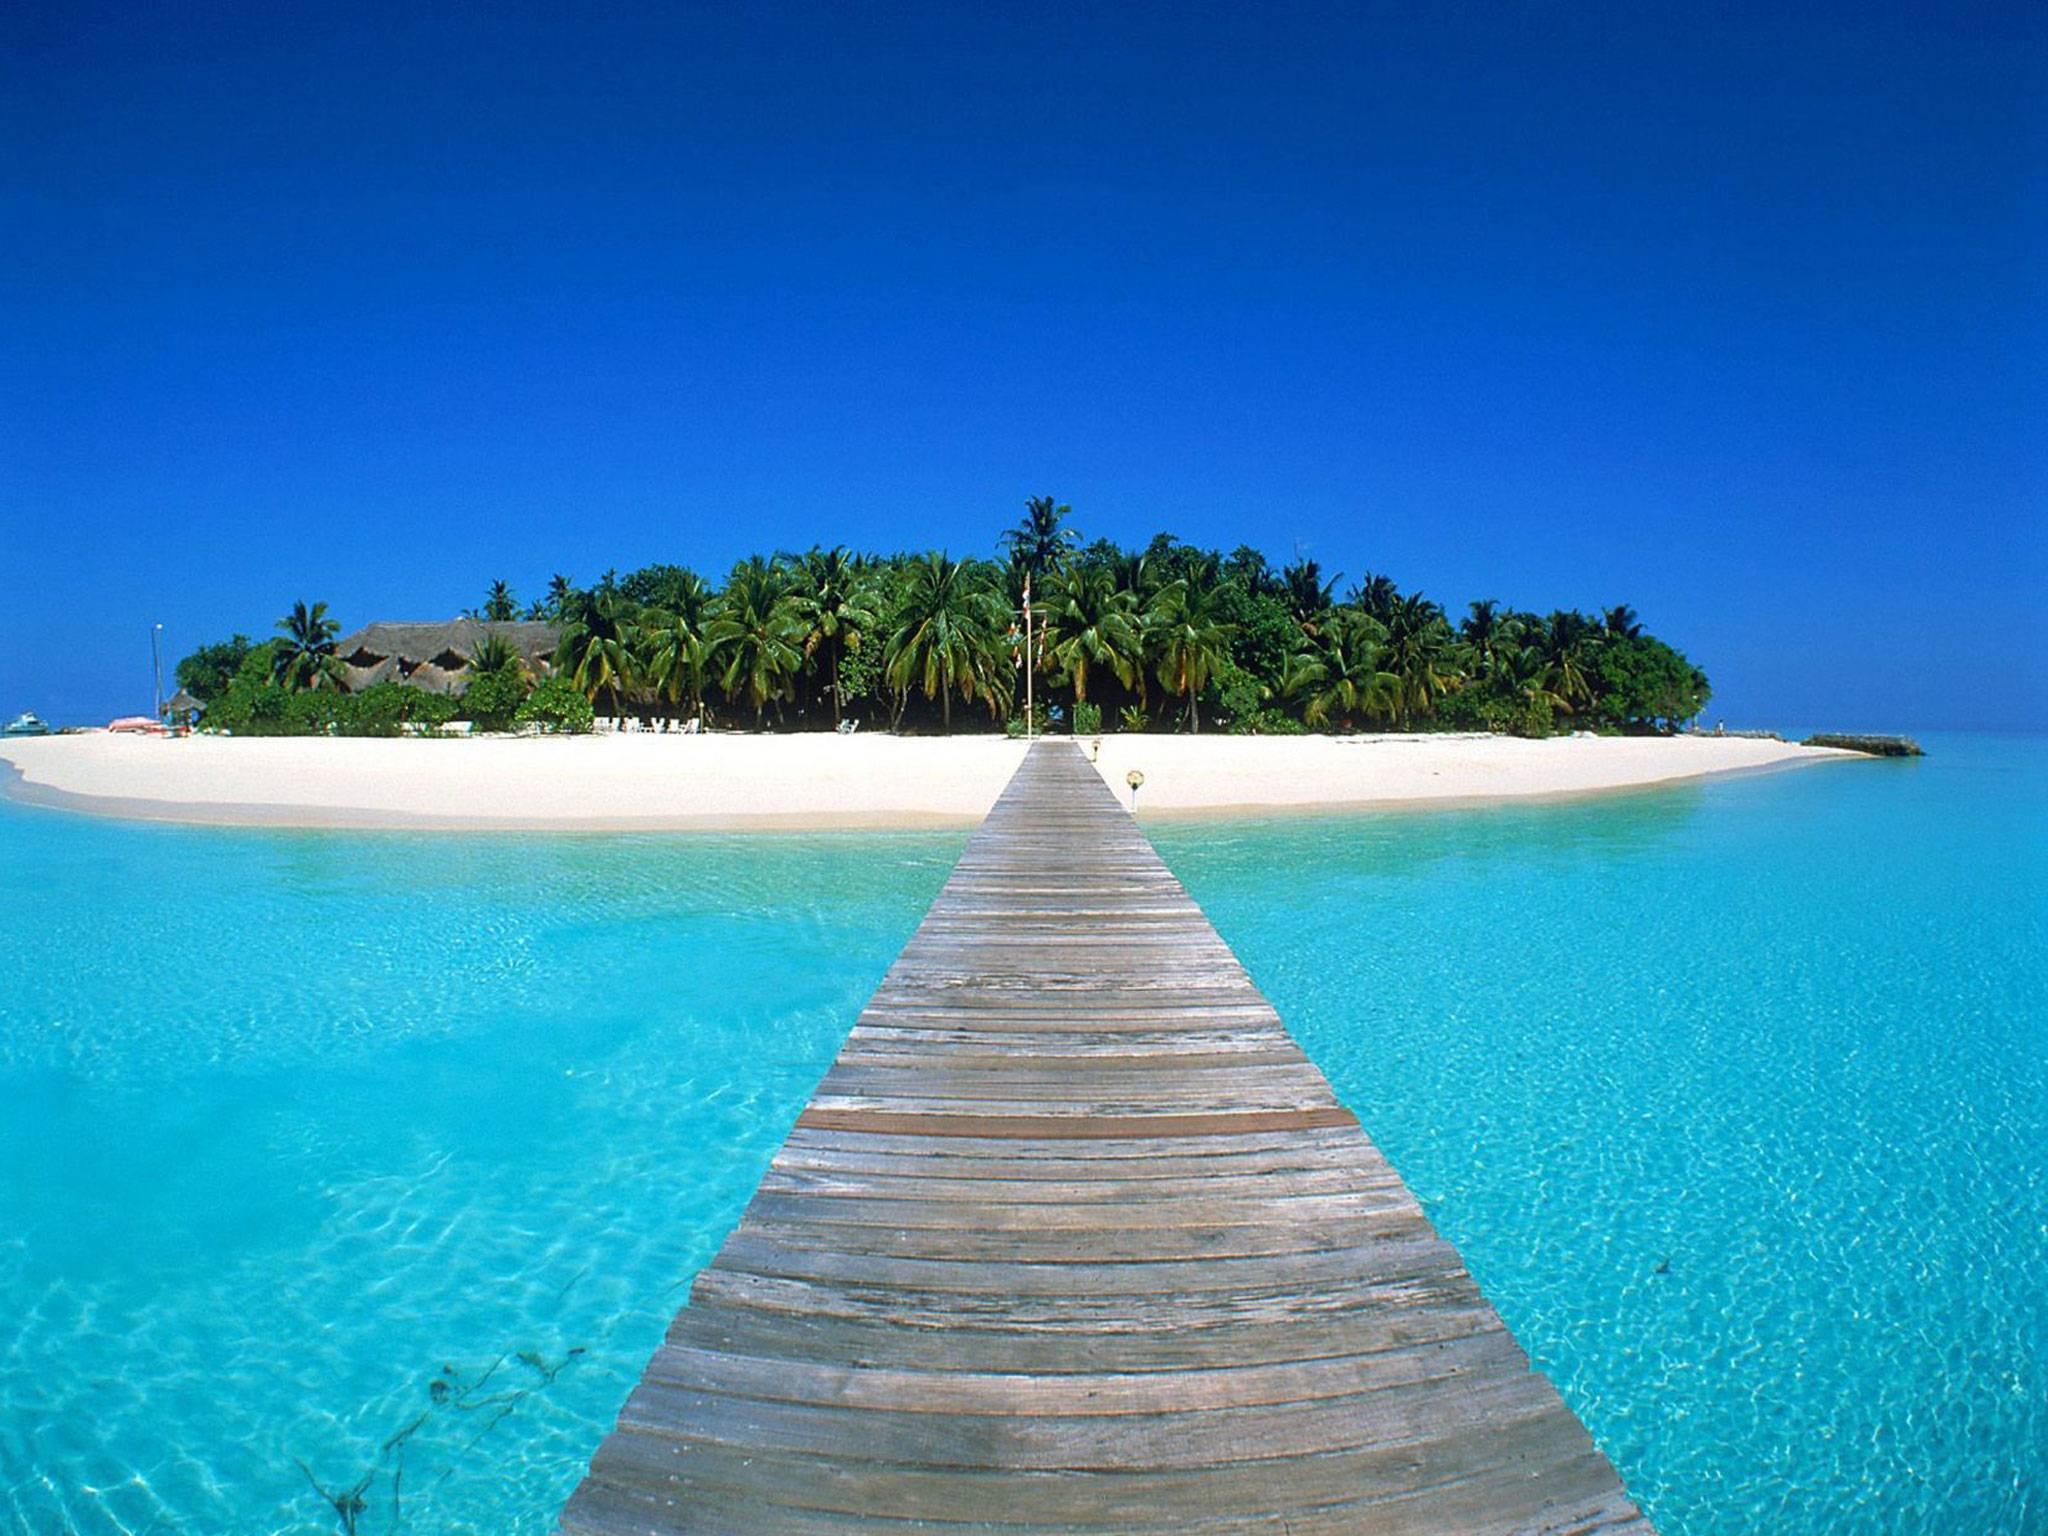 بالصور صور جزر المالديف , الطبيعه الساحرة لجزر المالديف 2479